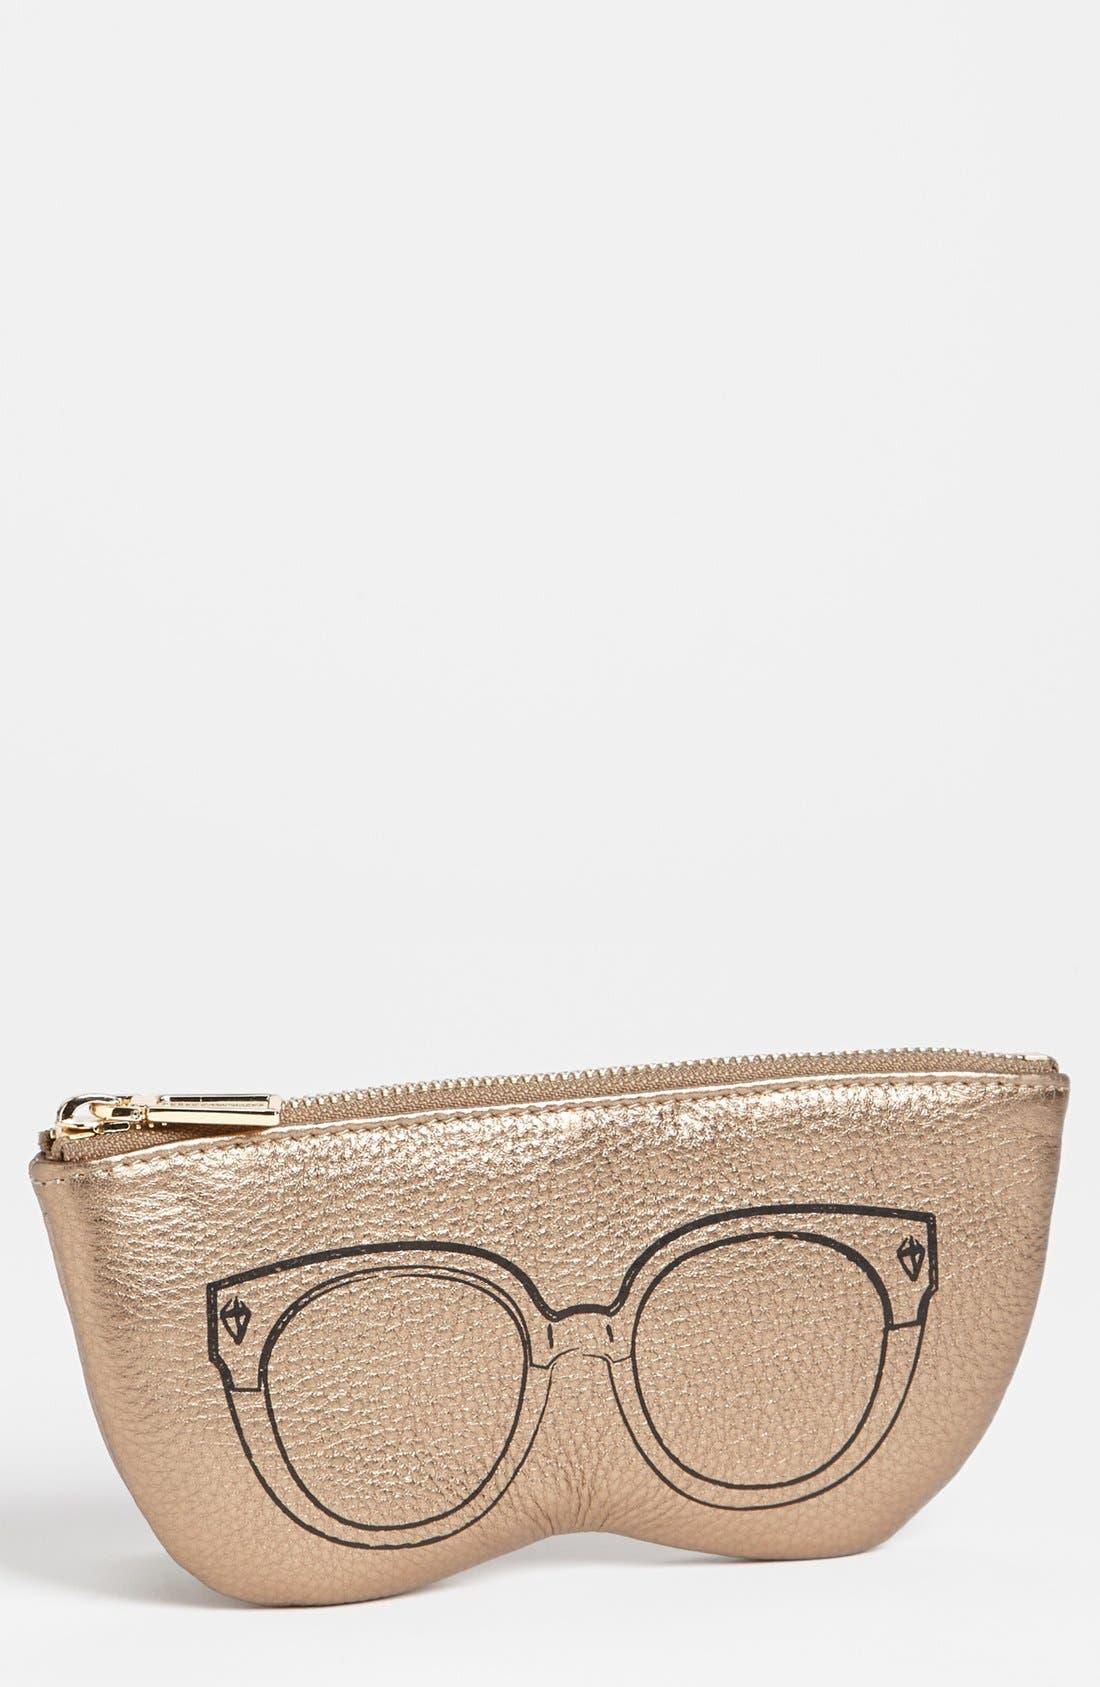 Main Image - Rebecca Minkoff Leather Sunglasses Case